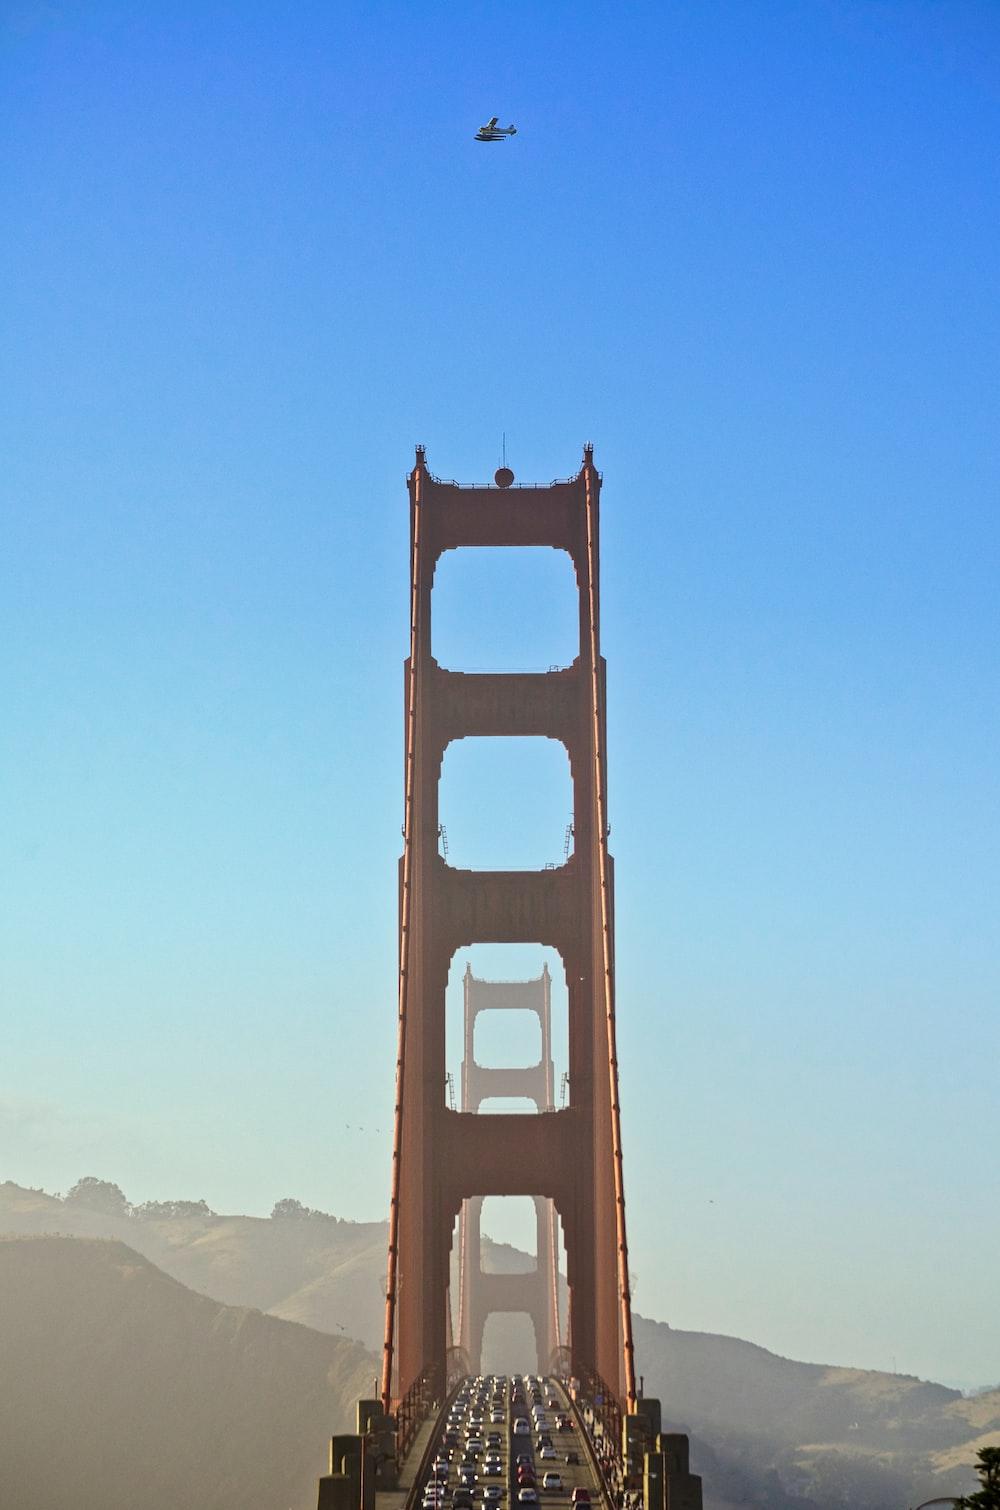 brown bridge under blue sky during daytime